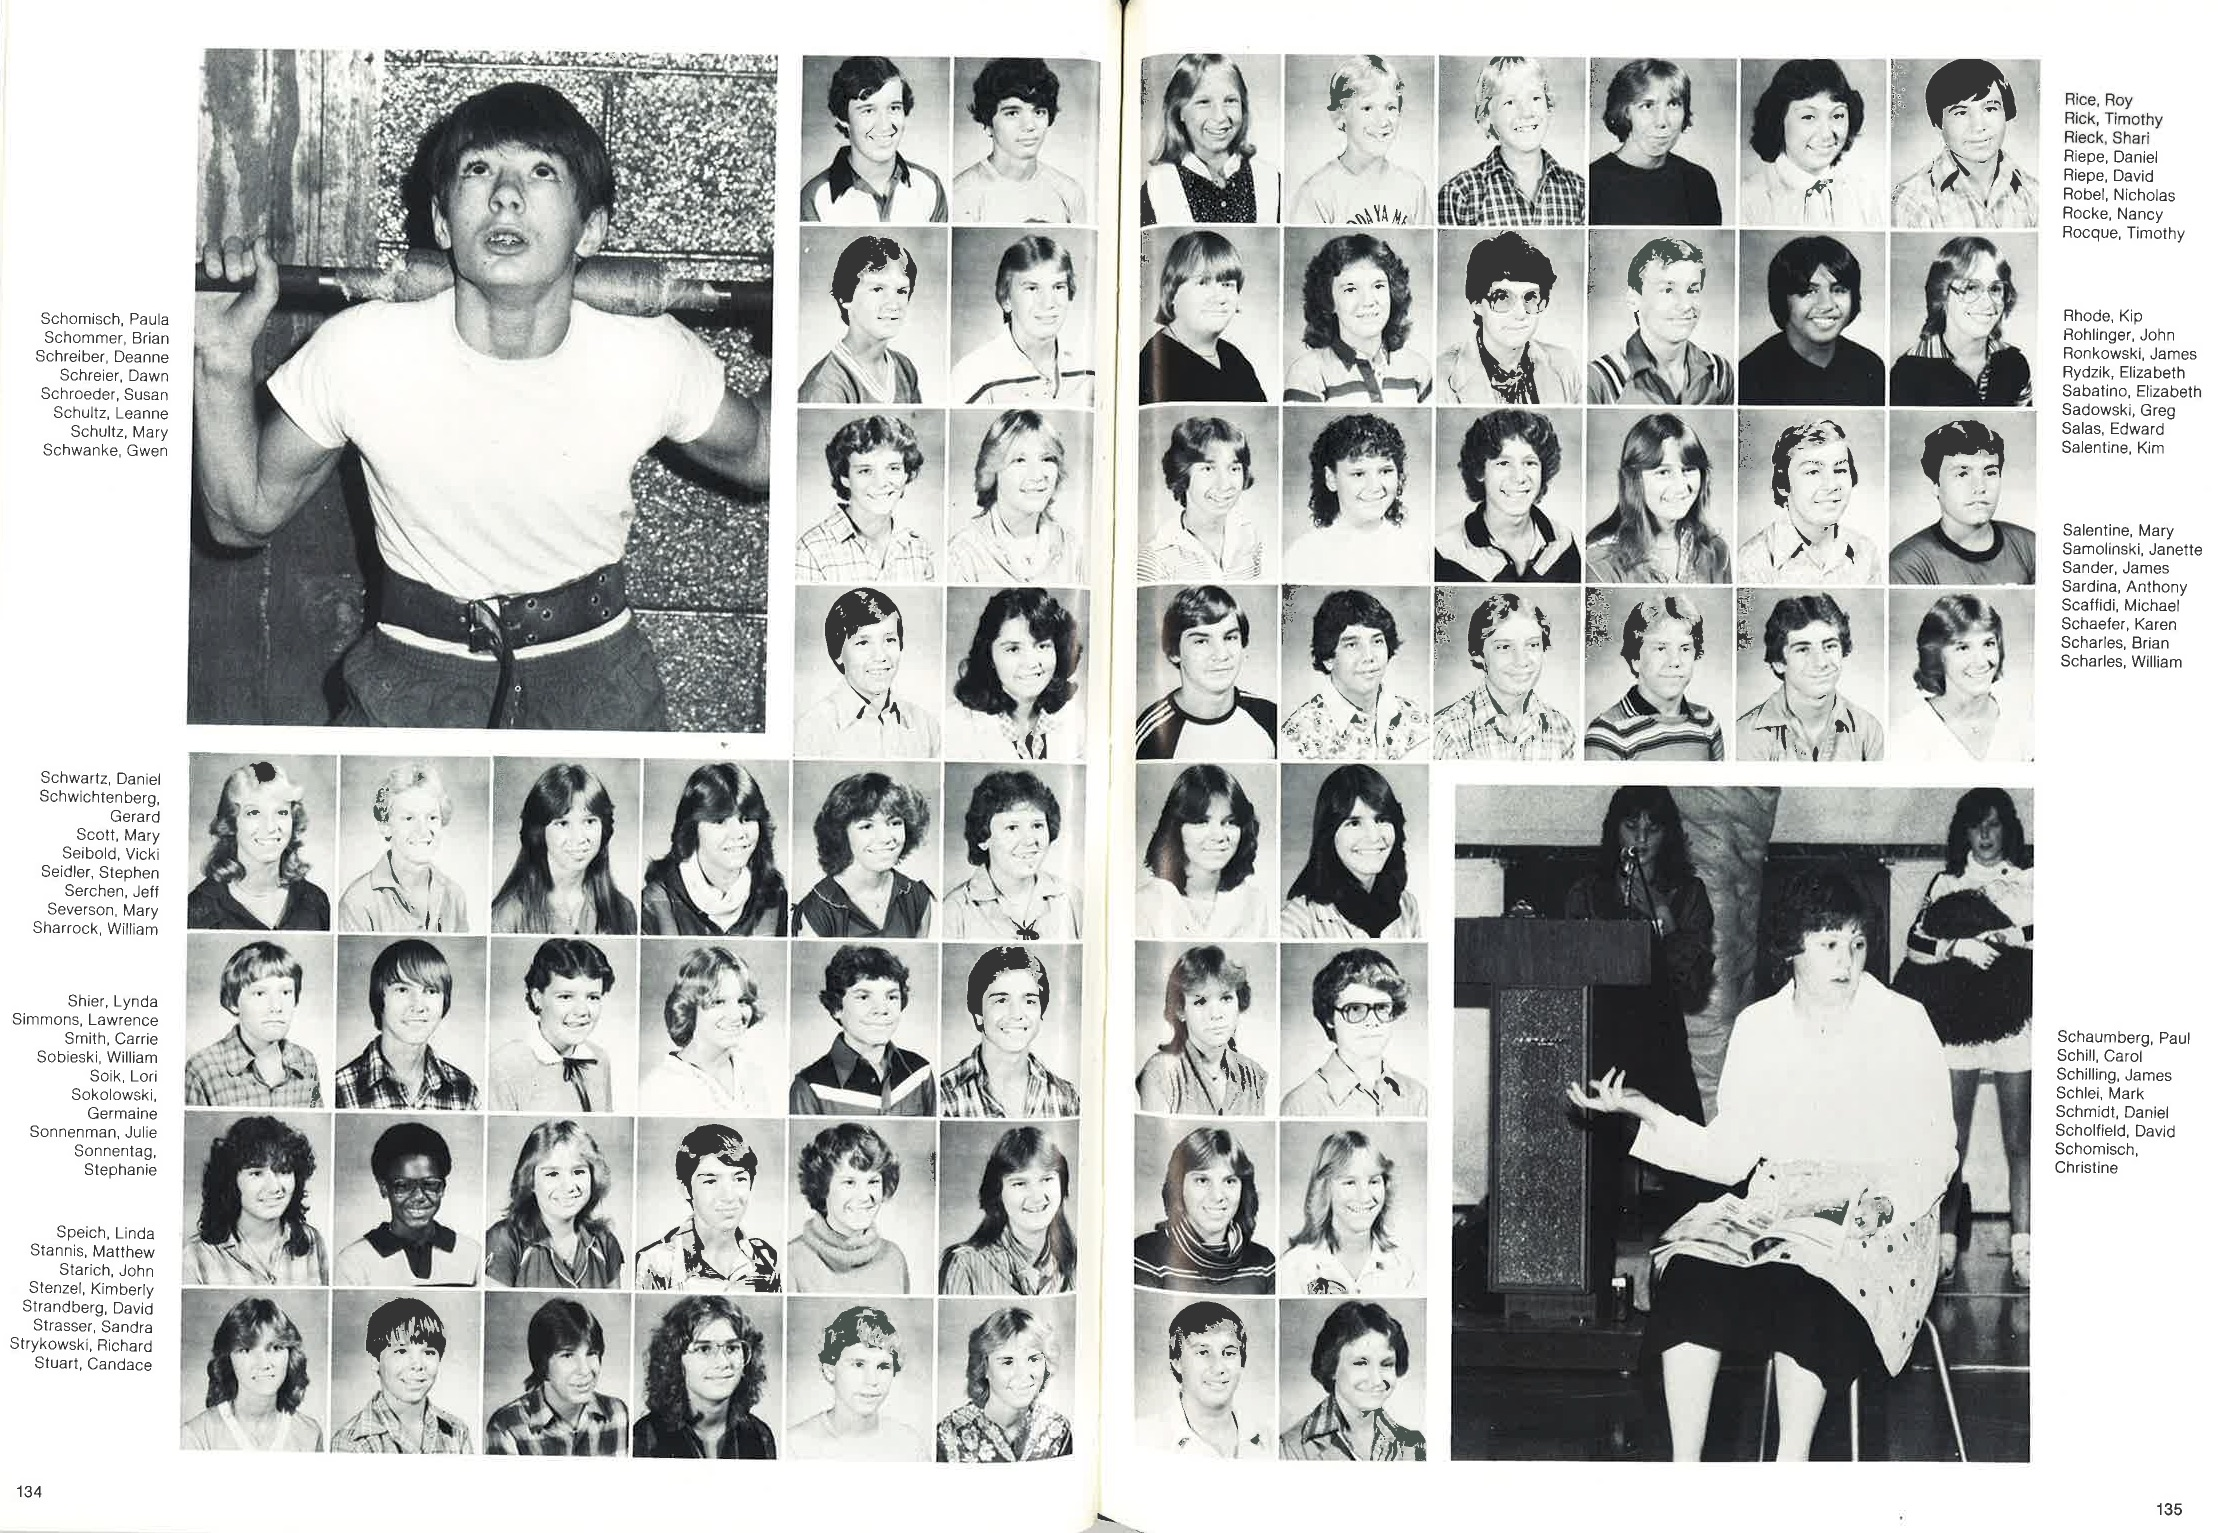 1981_Yearbook_134.jpg